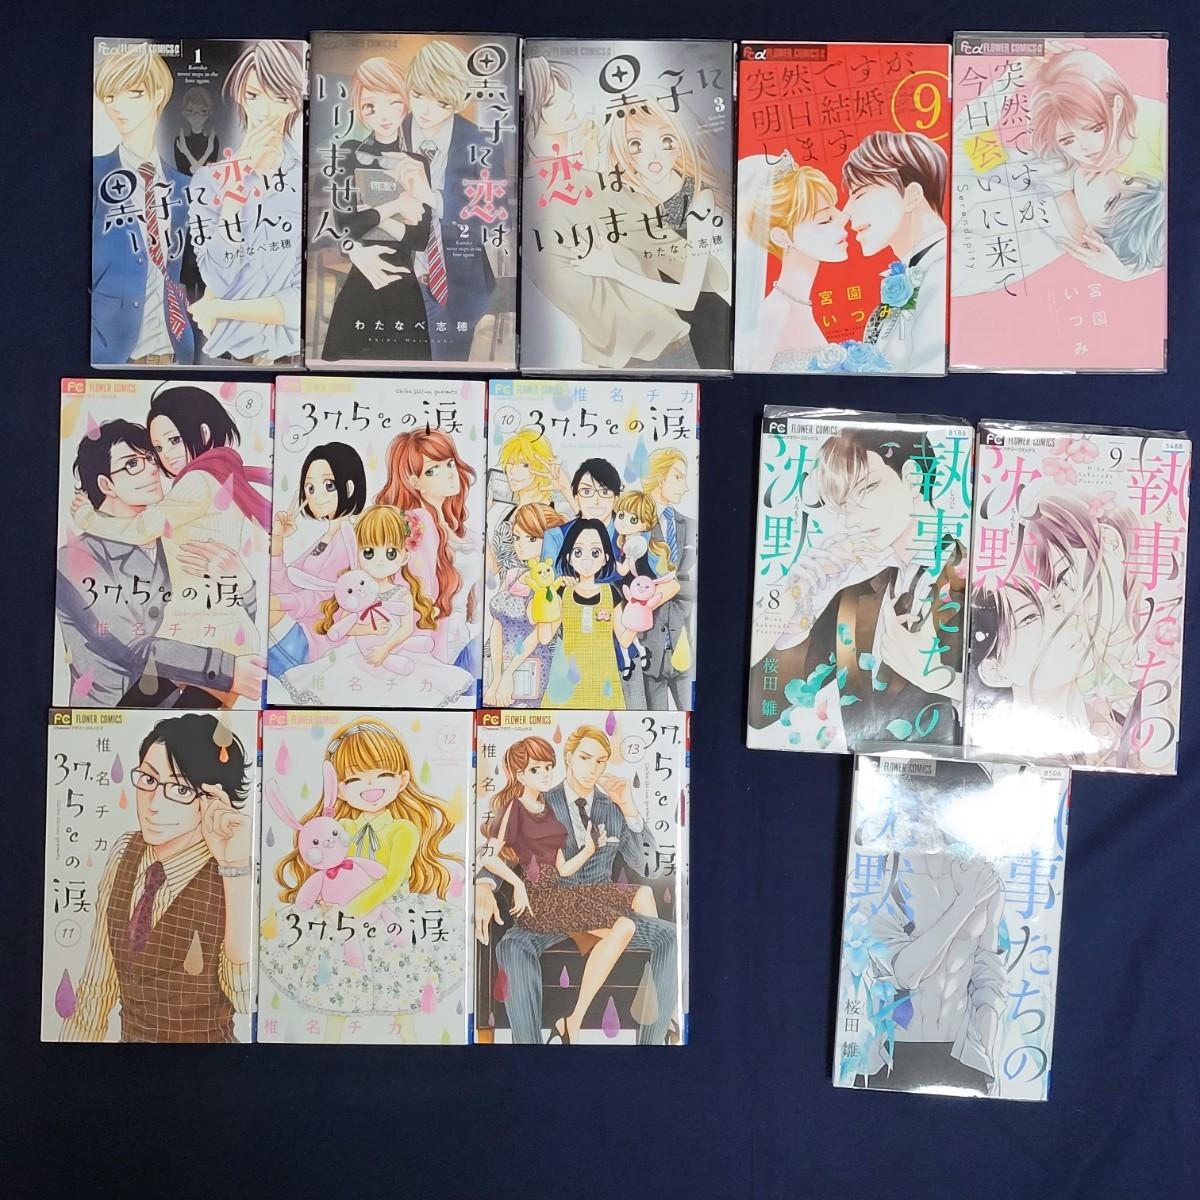 フラワーコミックス14冊セット 執事たちの沈黙 37.5℃の涙 黒子に恋は、いりません 突然ですが